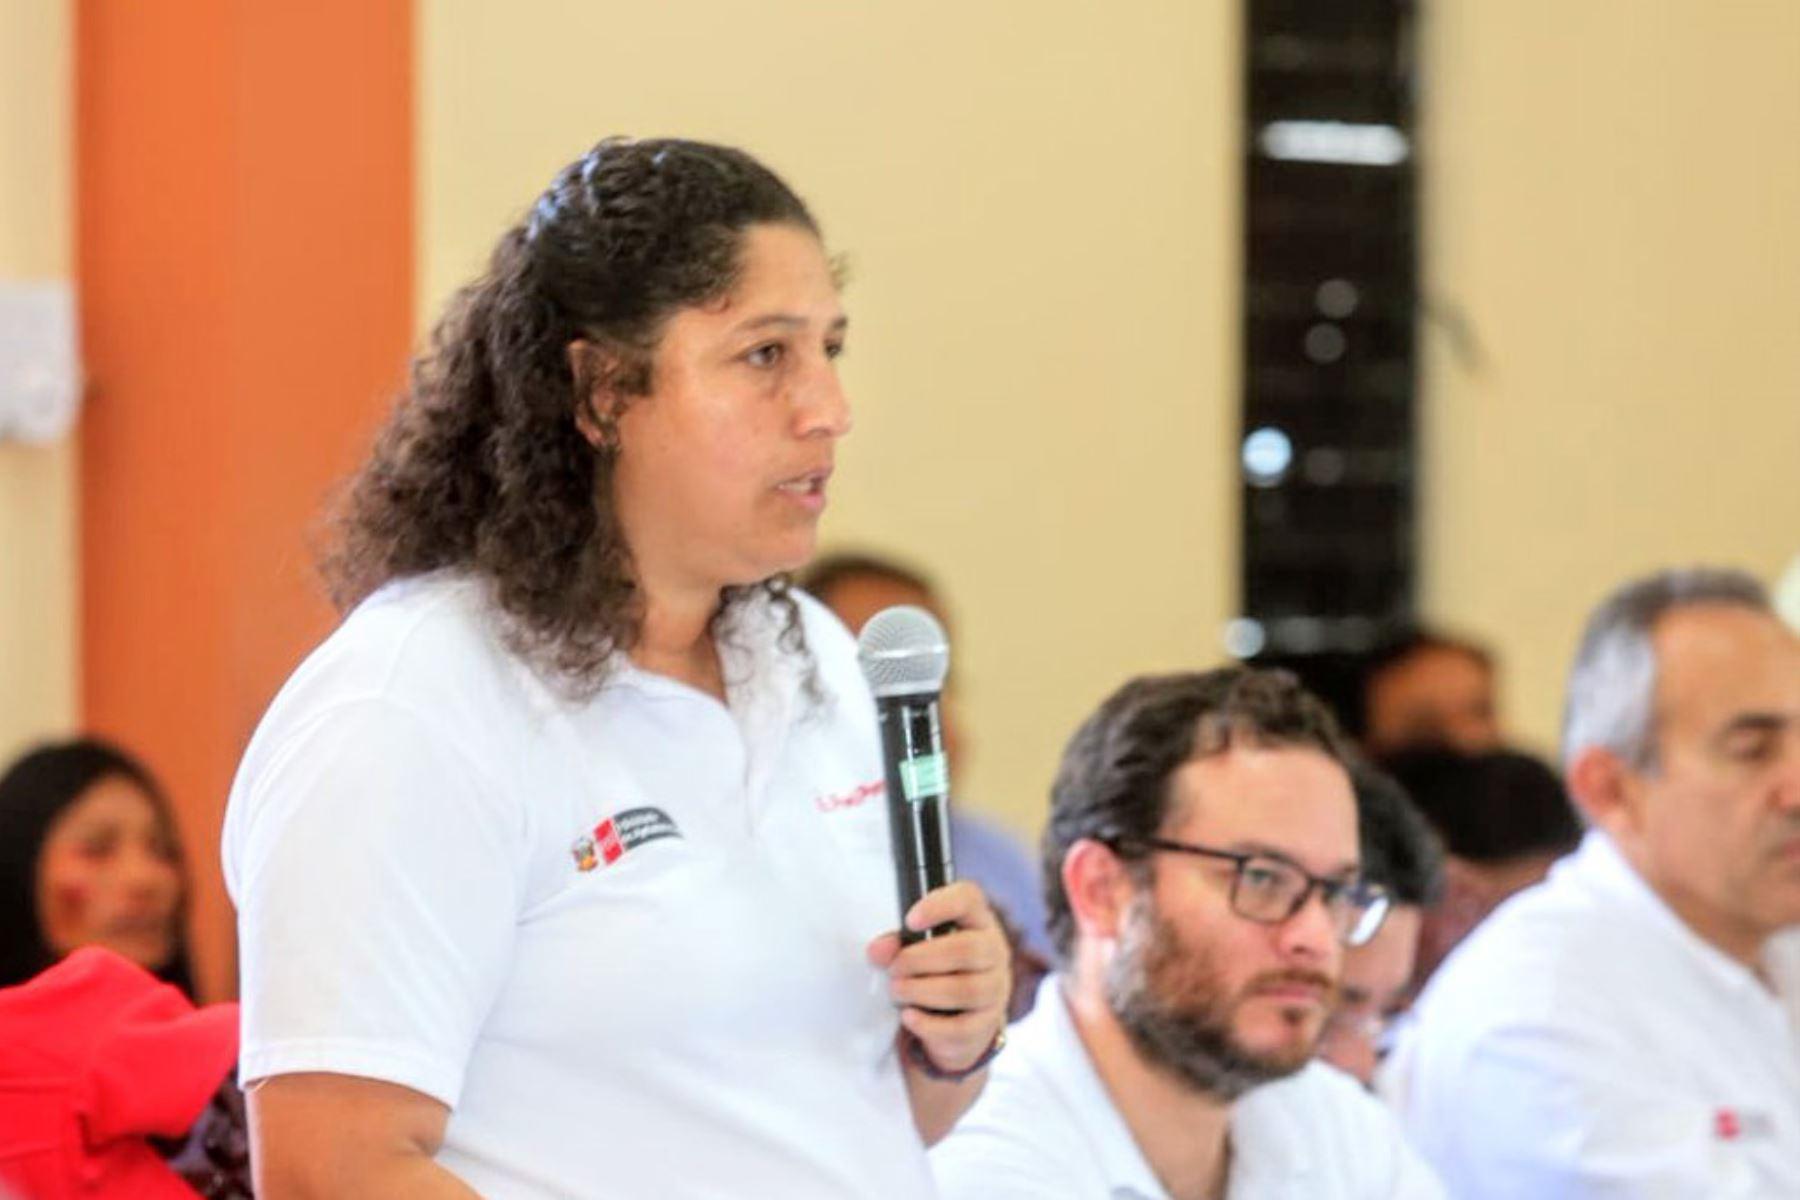 La ministra de Agricultura y Riego, Fabiola Muñoz, anunció una estrategia basada en articular infraestructura y capacidad productiva para impulsar el desarrollo de los pueblos del Valle Río Apurímac, Ene y Mantaro (Vraem), durante su participación en la sesión del Comité de la Mancomunidad Regional de los Andes.